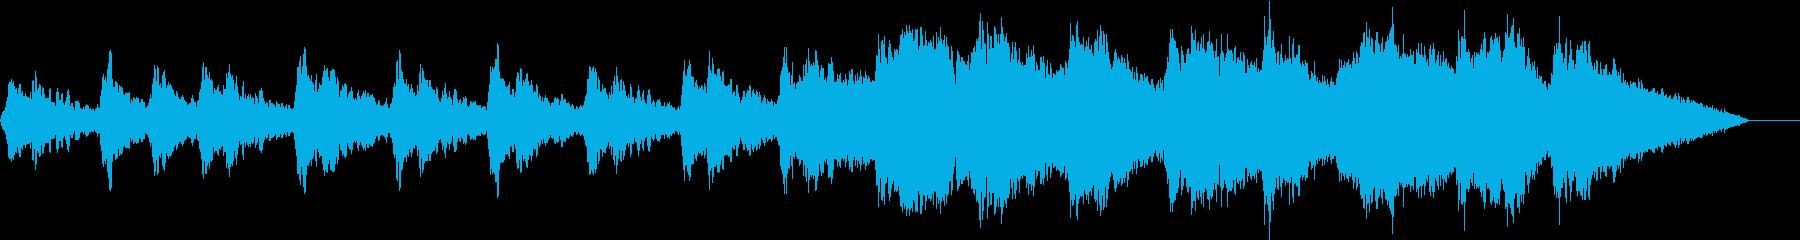 森と小川をイメージしたBGMの再生済みの波形